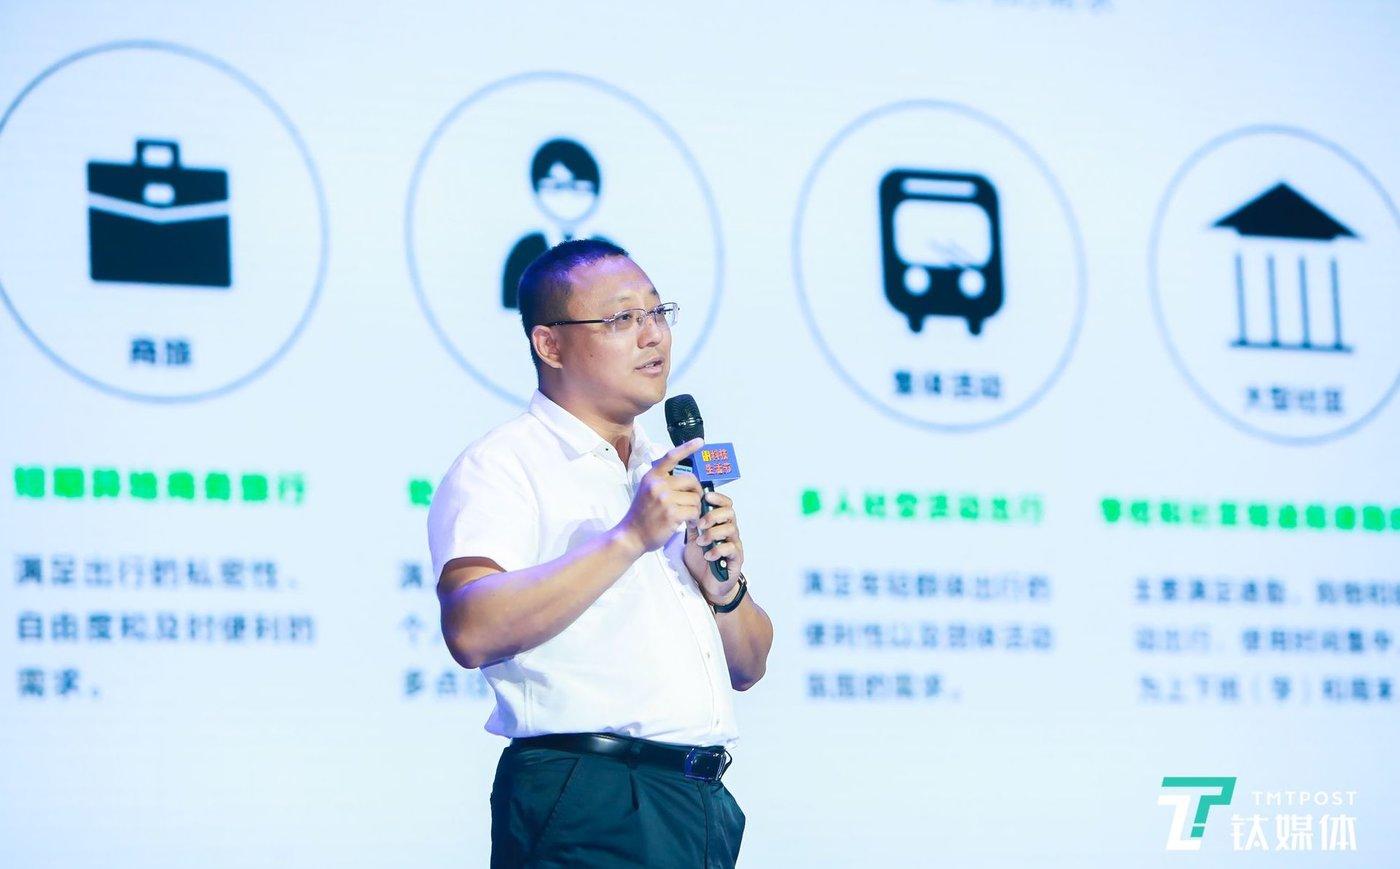 首汽GoFun 出行总裁在科技生活节上进行分享